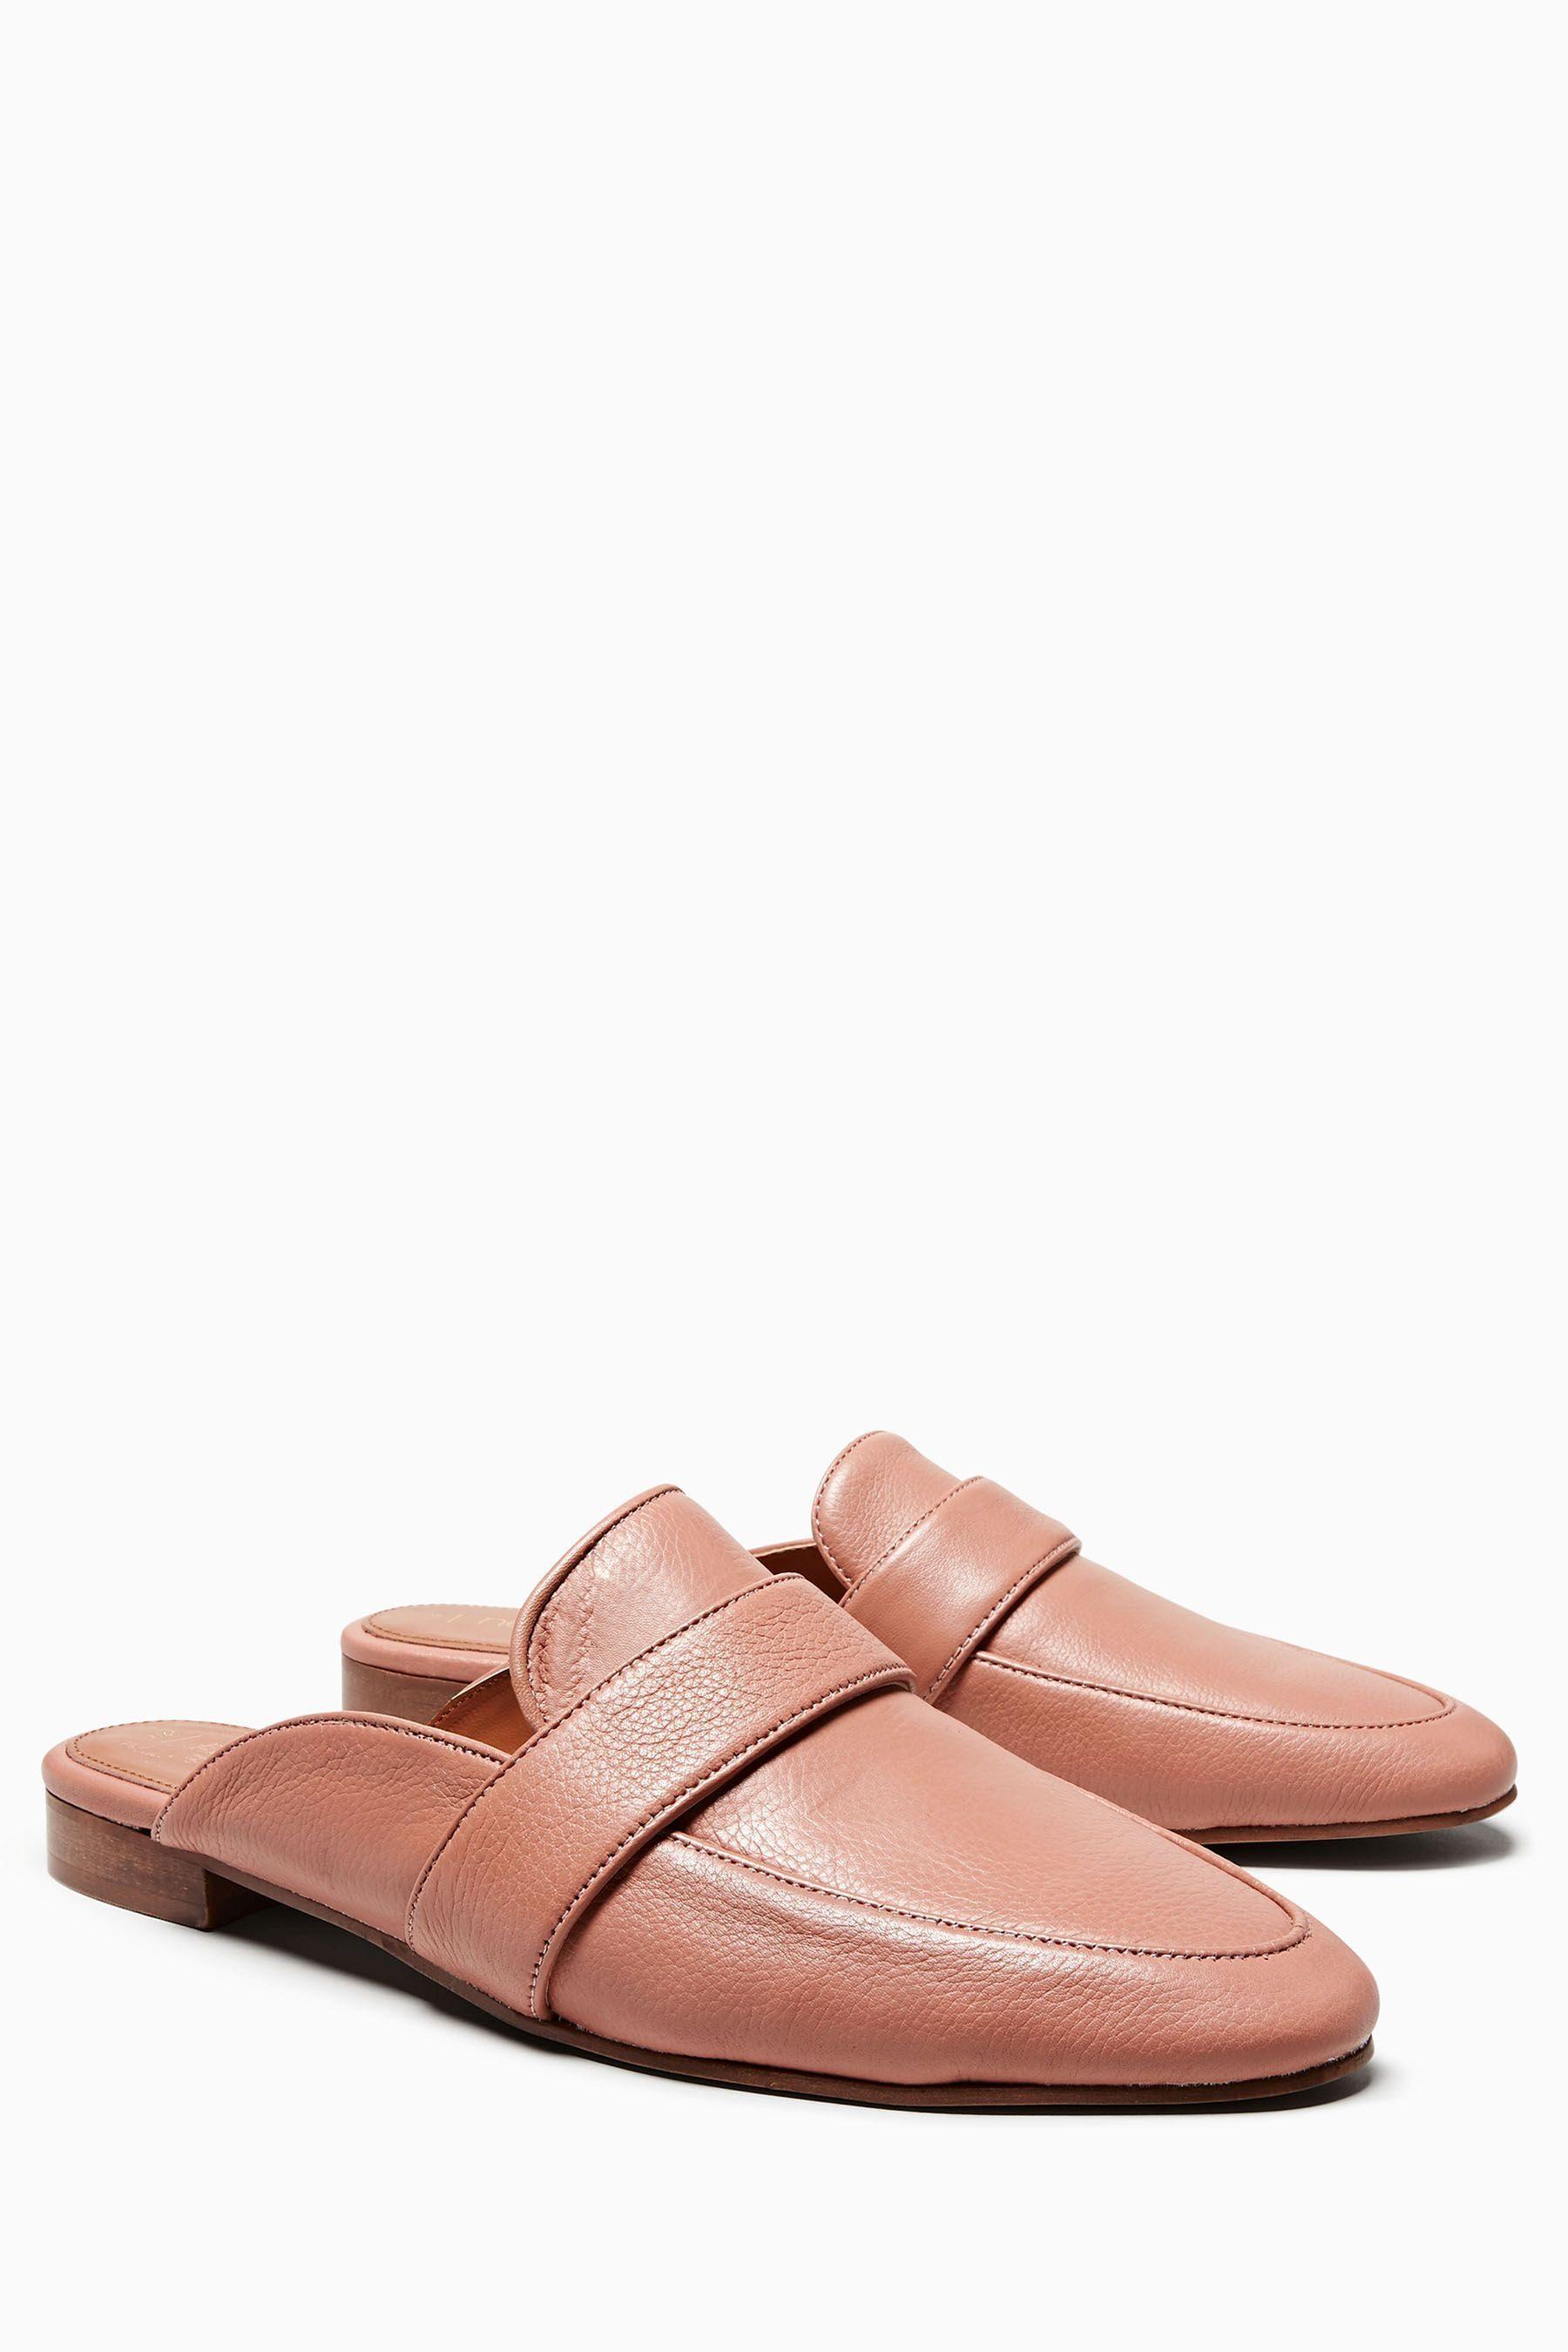 Next Pantoletten im Loafer-Stil aus Leder kaufen  Blush